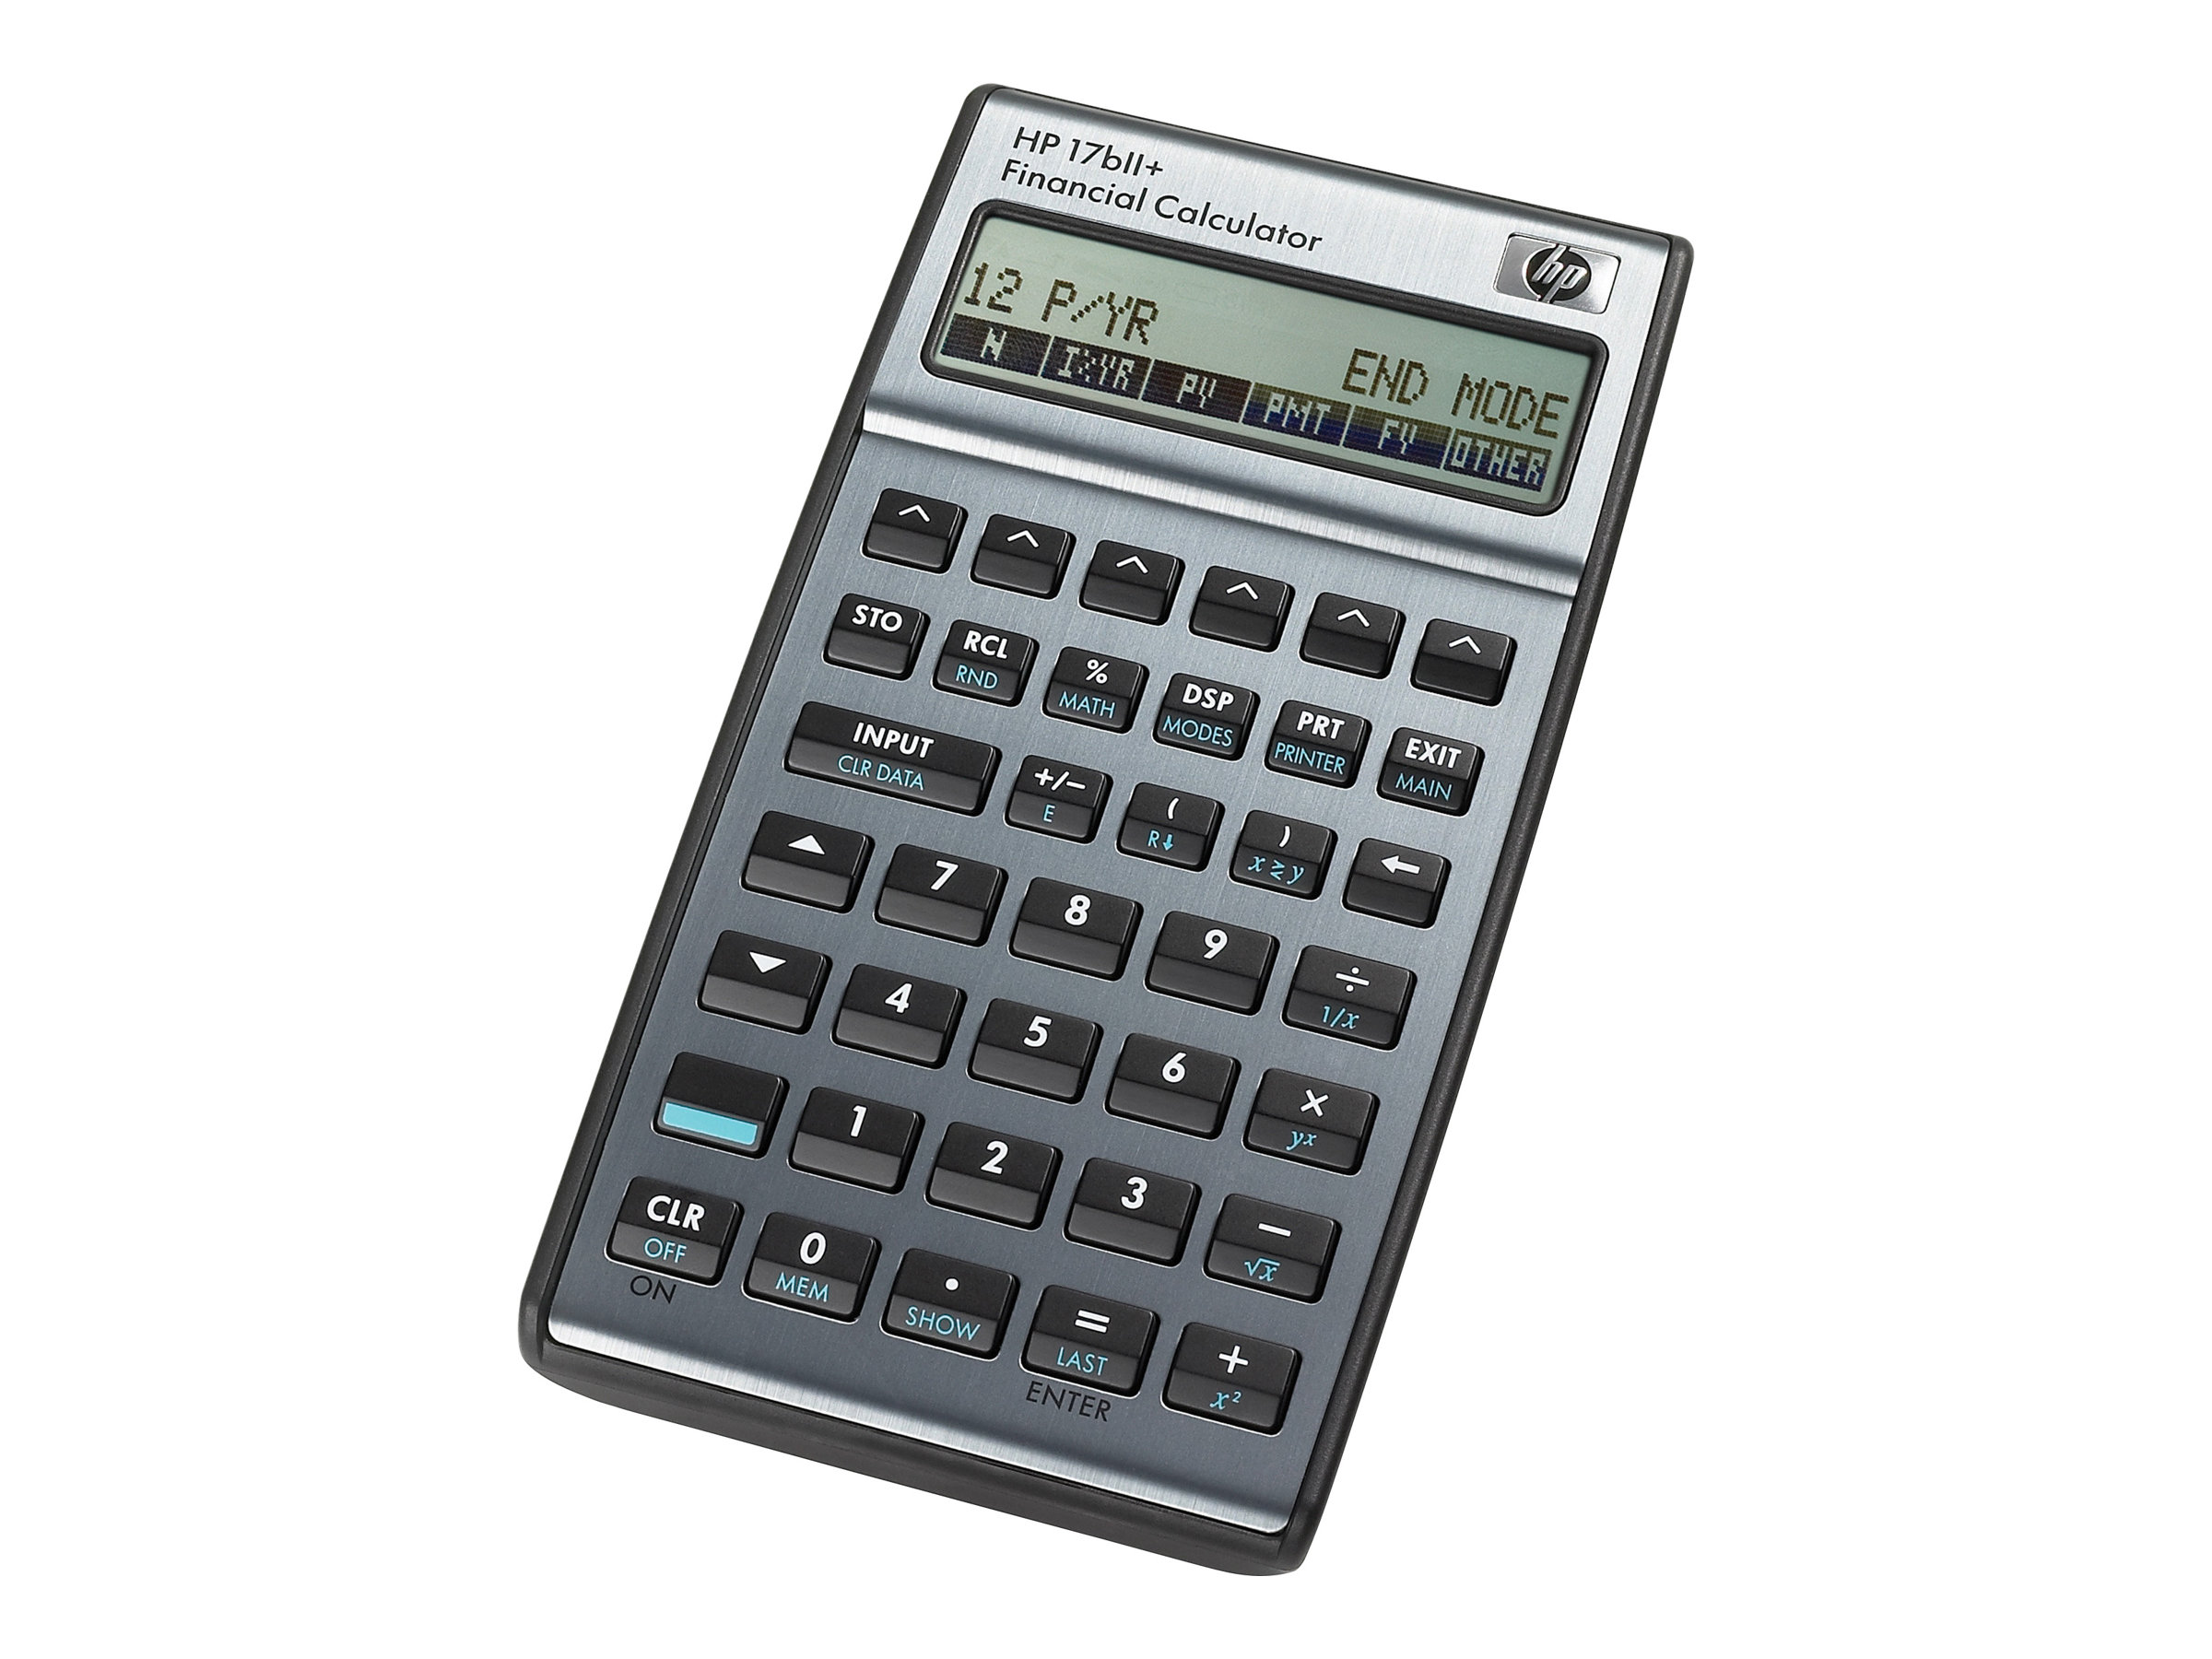 HP 17bII+ - Finanz-Taschenrechner - Batterie - Carbonite, Alloy Metallic